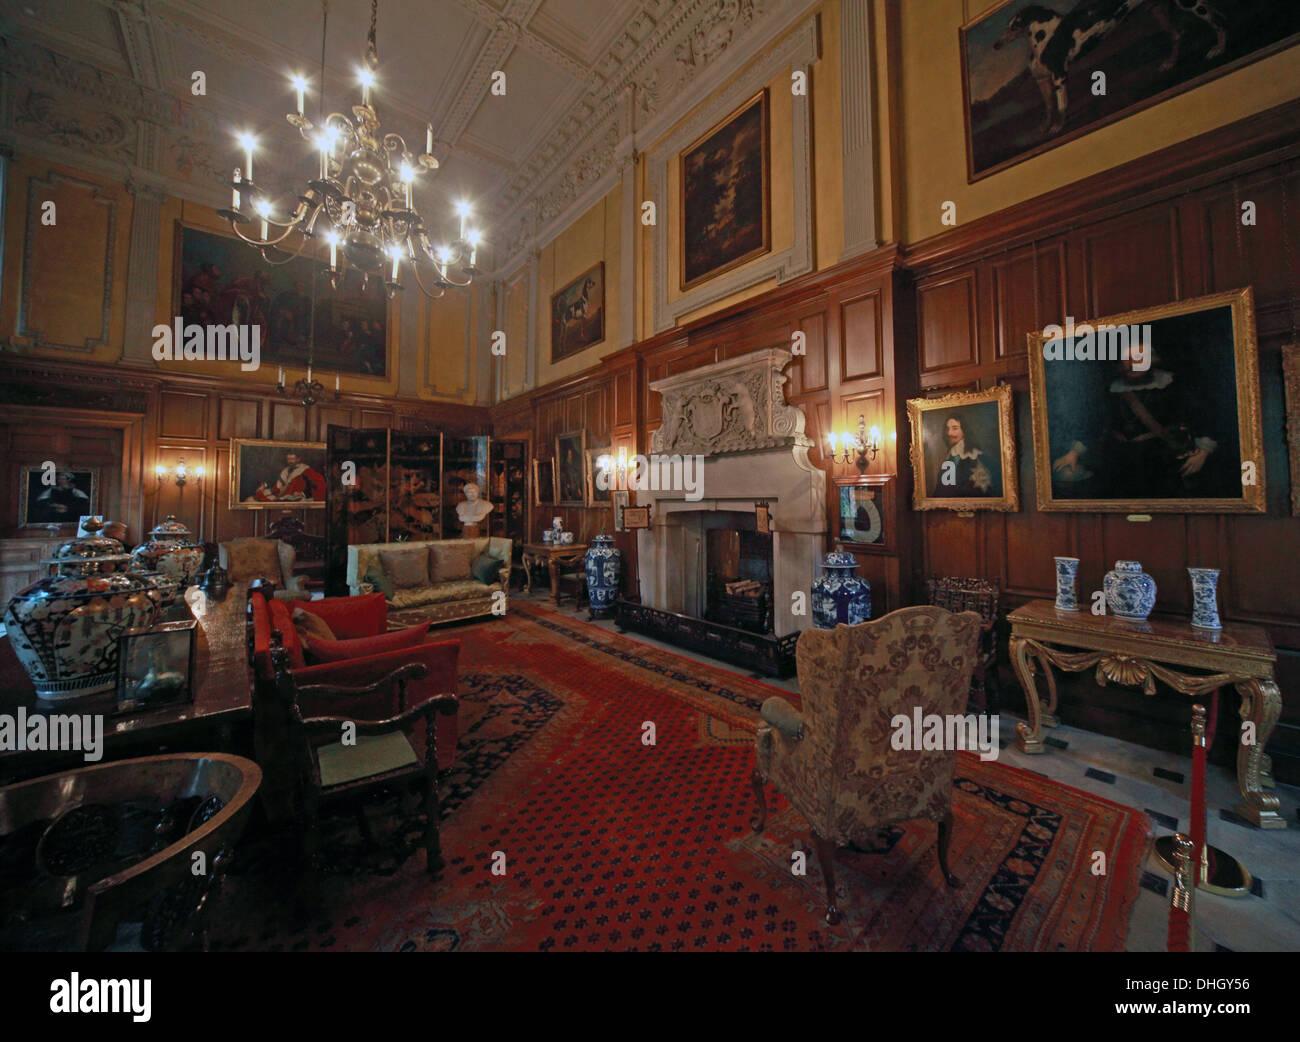 Laden Sie dieses Alamy Stockfoto Die große Halle, Dunham Massey, abends. NT in der Nähe von Altrincham, Cheshire, England, UK - DHGY56